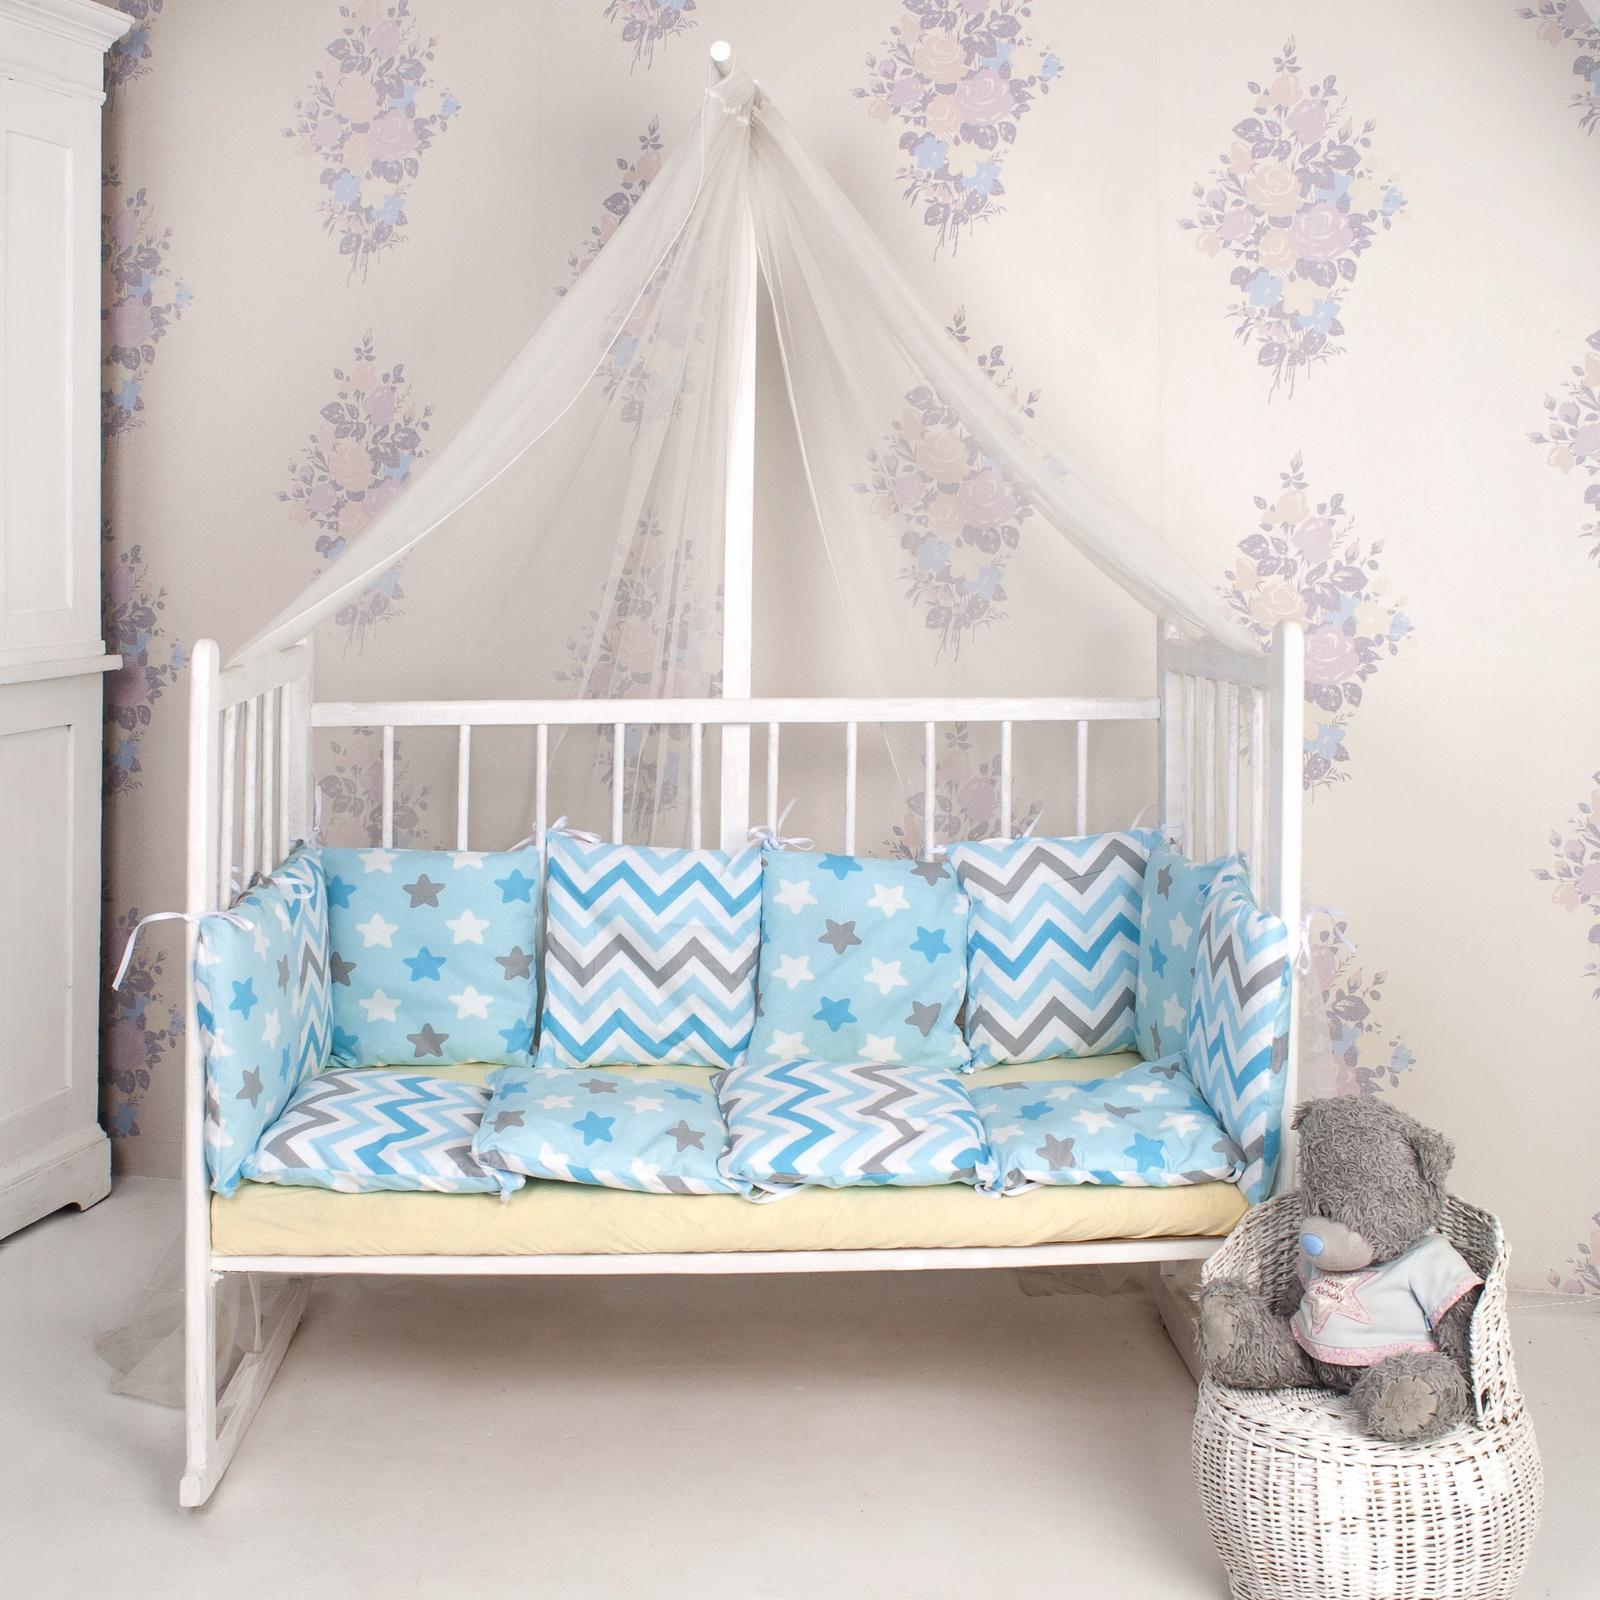 Комплект в кроватку ТК Традиция бортики в кроватку поплин, голубой, серый, белый